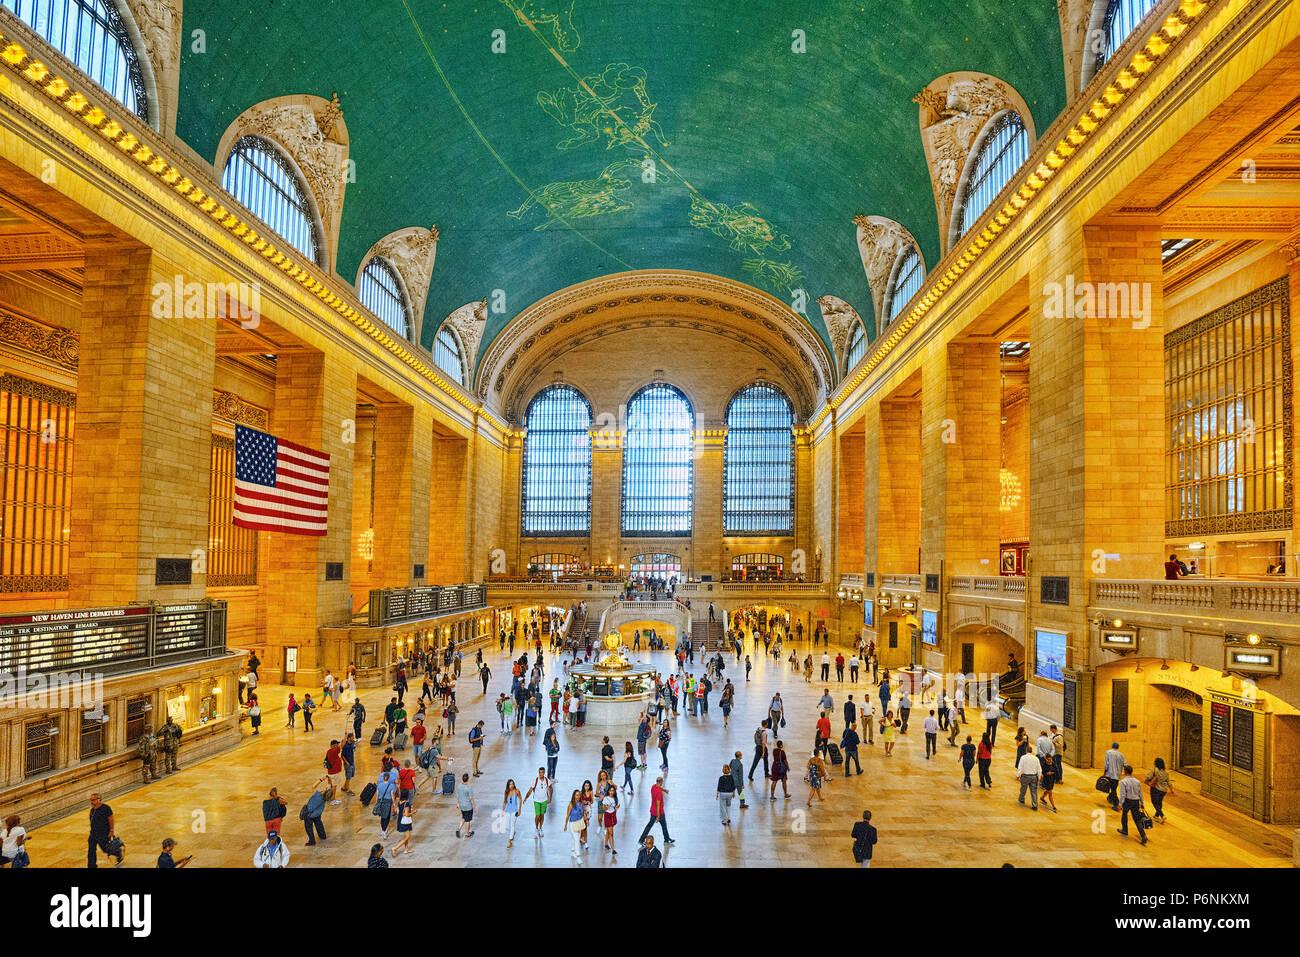 New York, Stati Uniti d'America - 05 Settembre 2017 : Grand Central Terminal- terminale ferroviario a 42nd Street e Park Avenue nel centro di Manhattan a New York City, U Immagini Stock